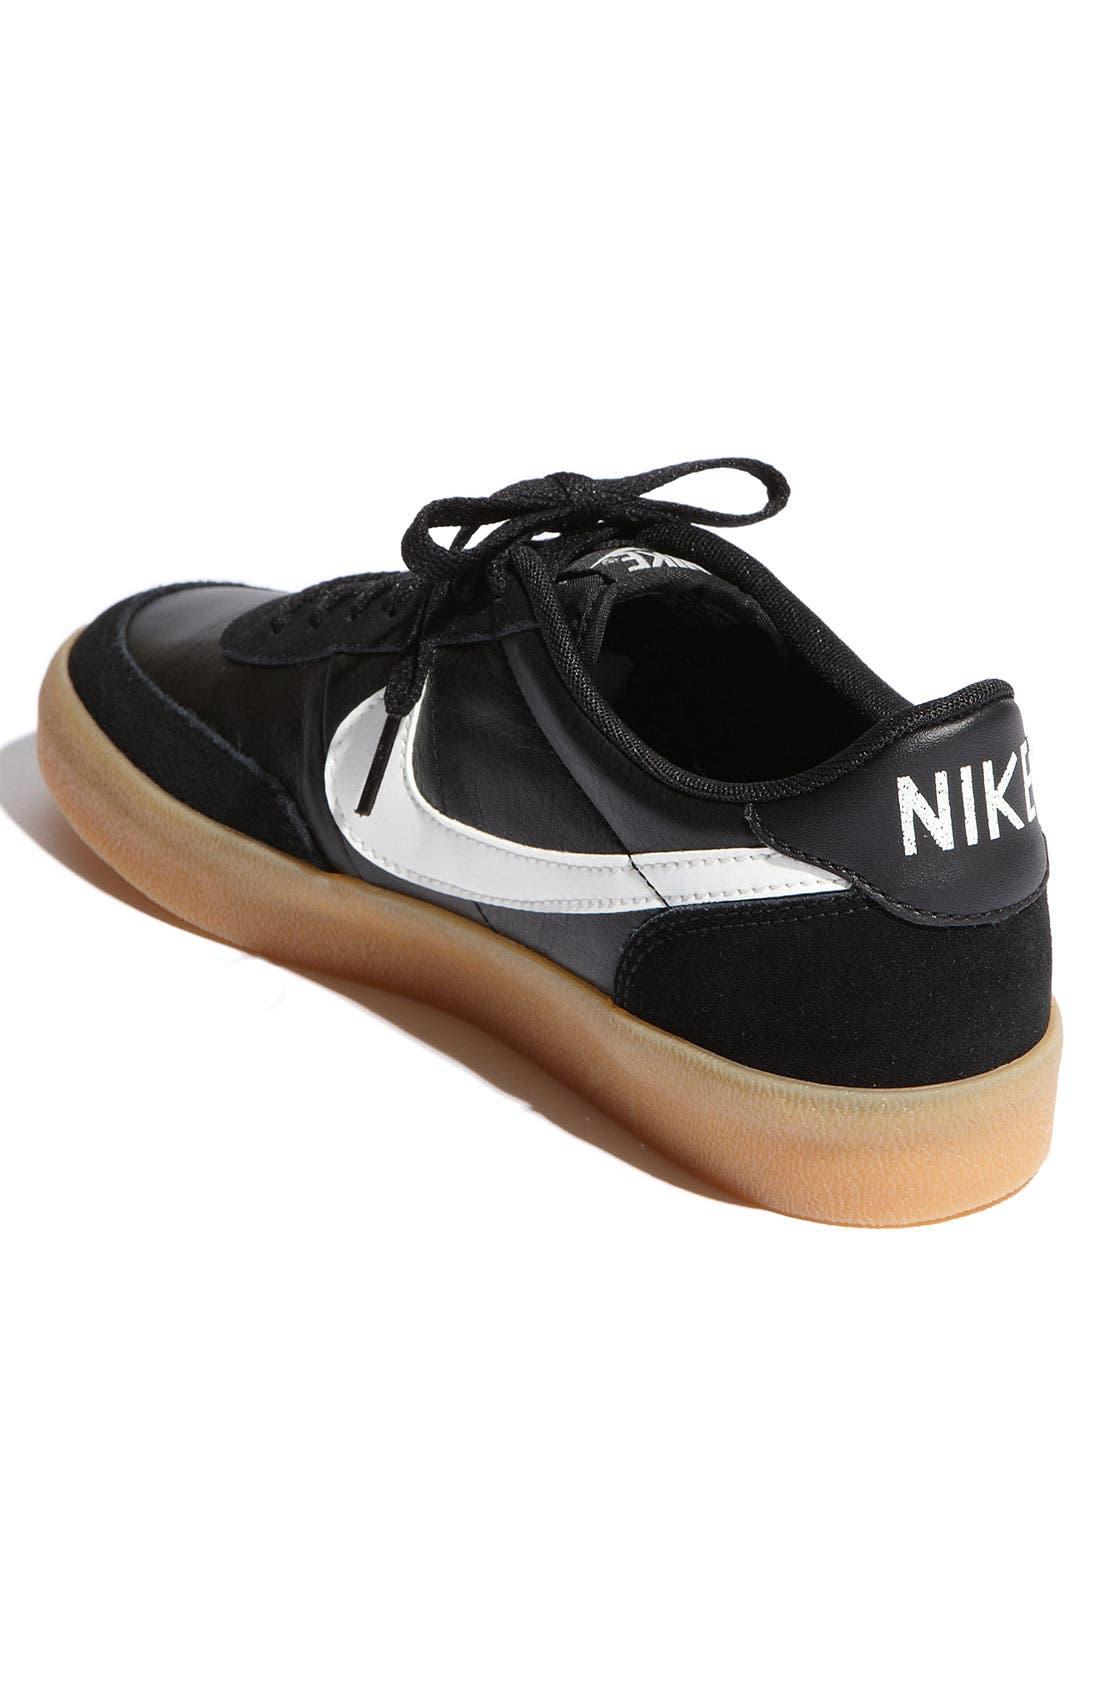 'Killshot 2' Sneaker,                             Alternate thumbnail 4, color,                             007